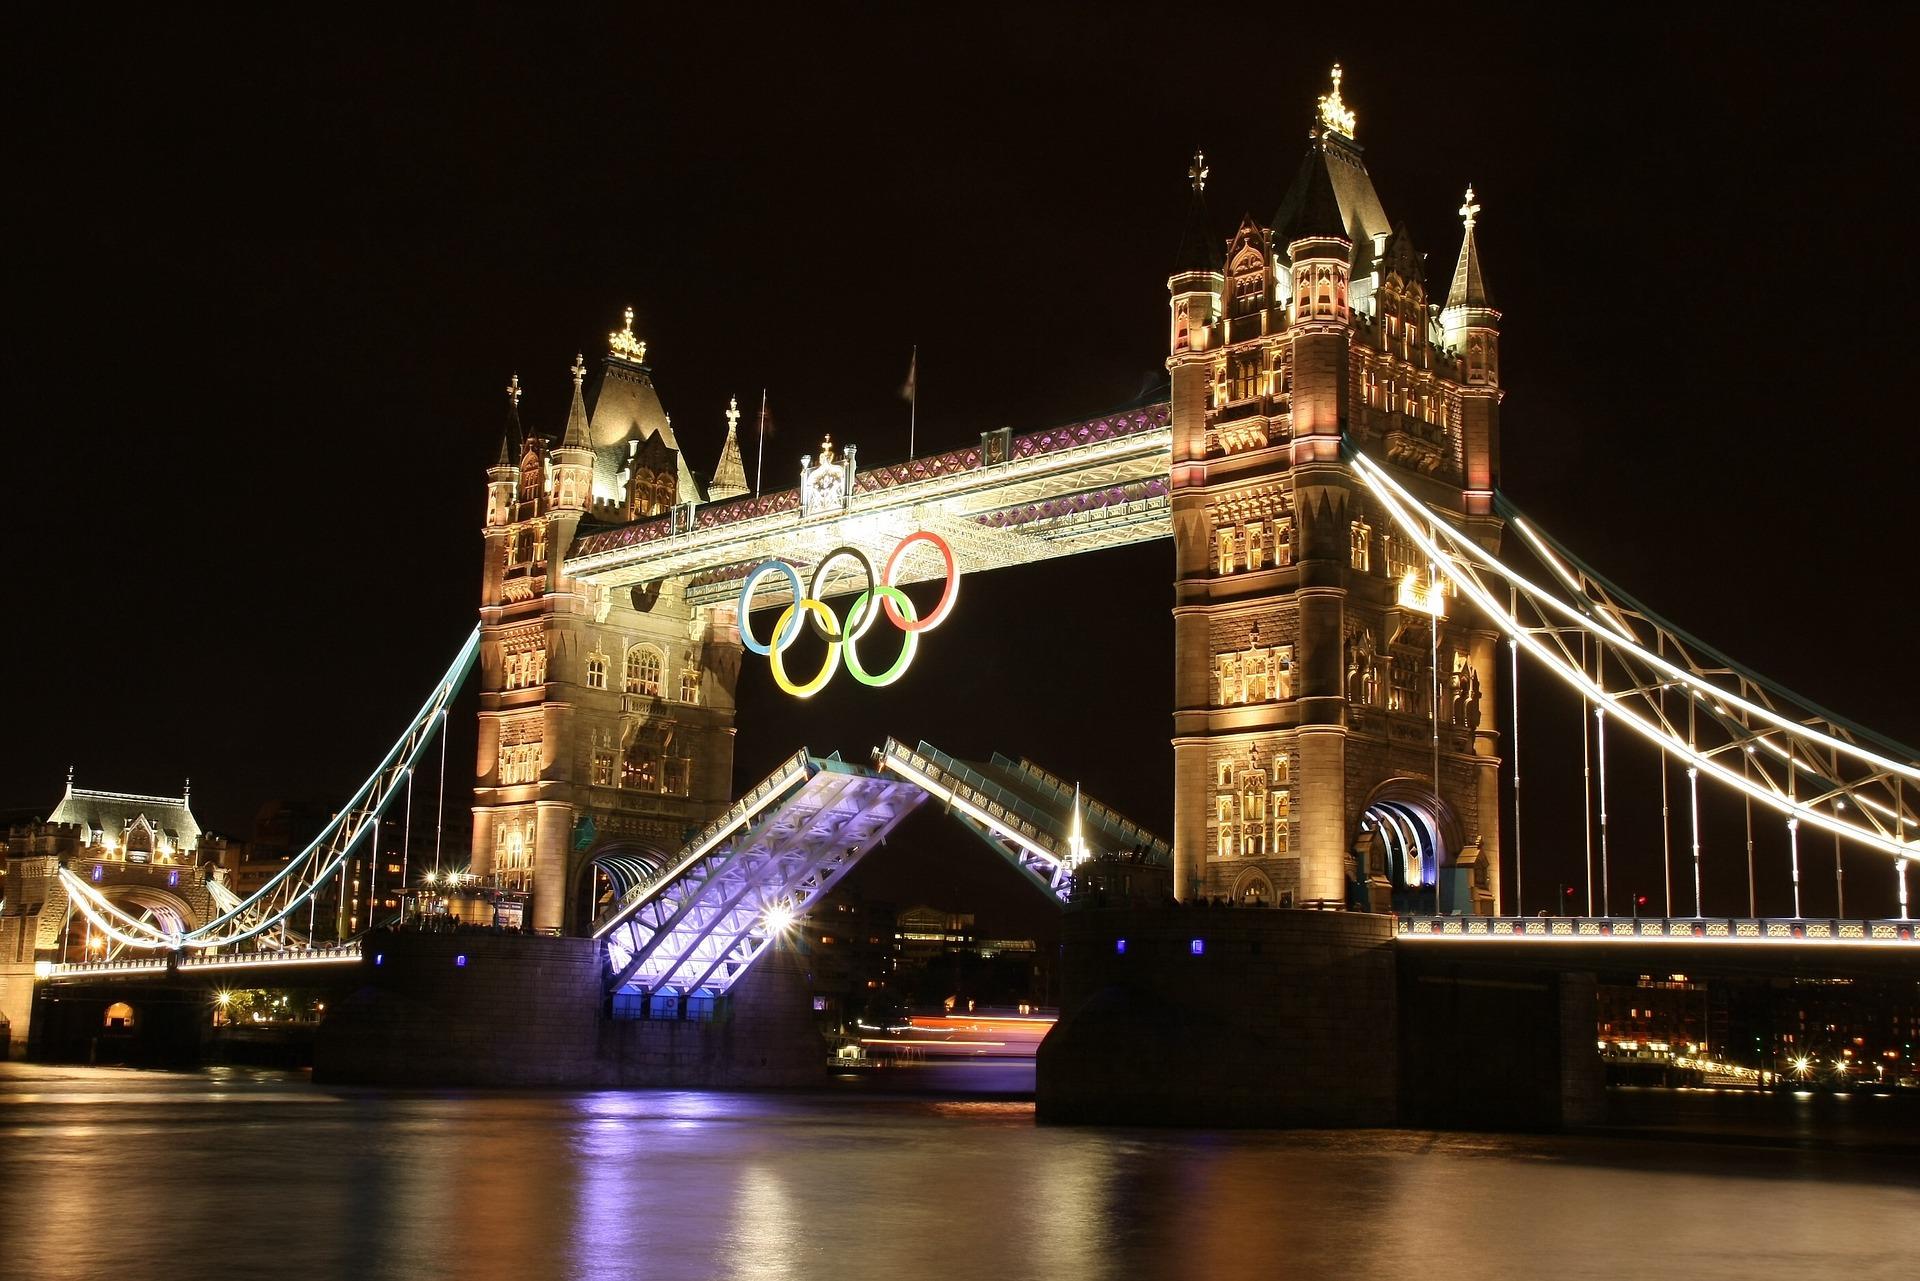 ロンドンオリンピック2012バージョンのタワーブリッジの写真